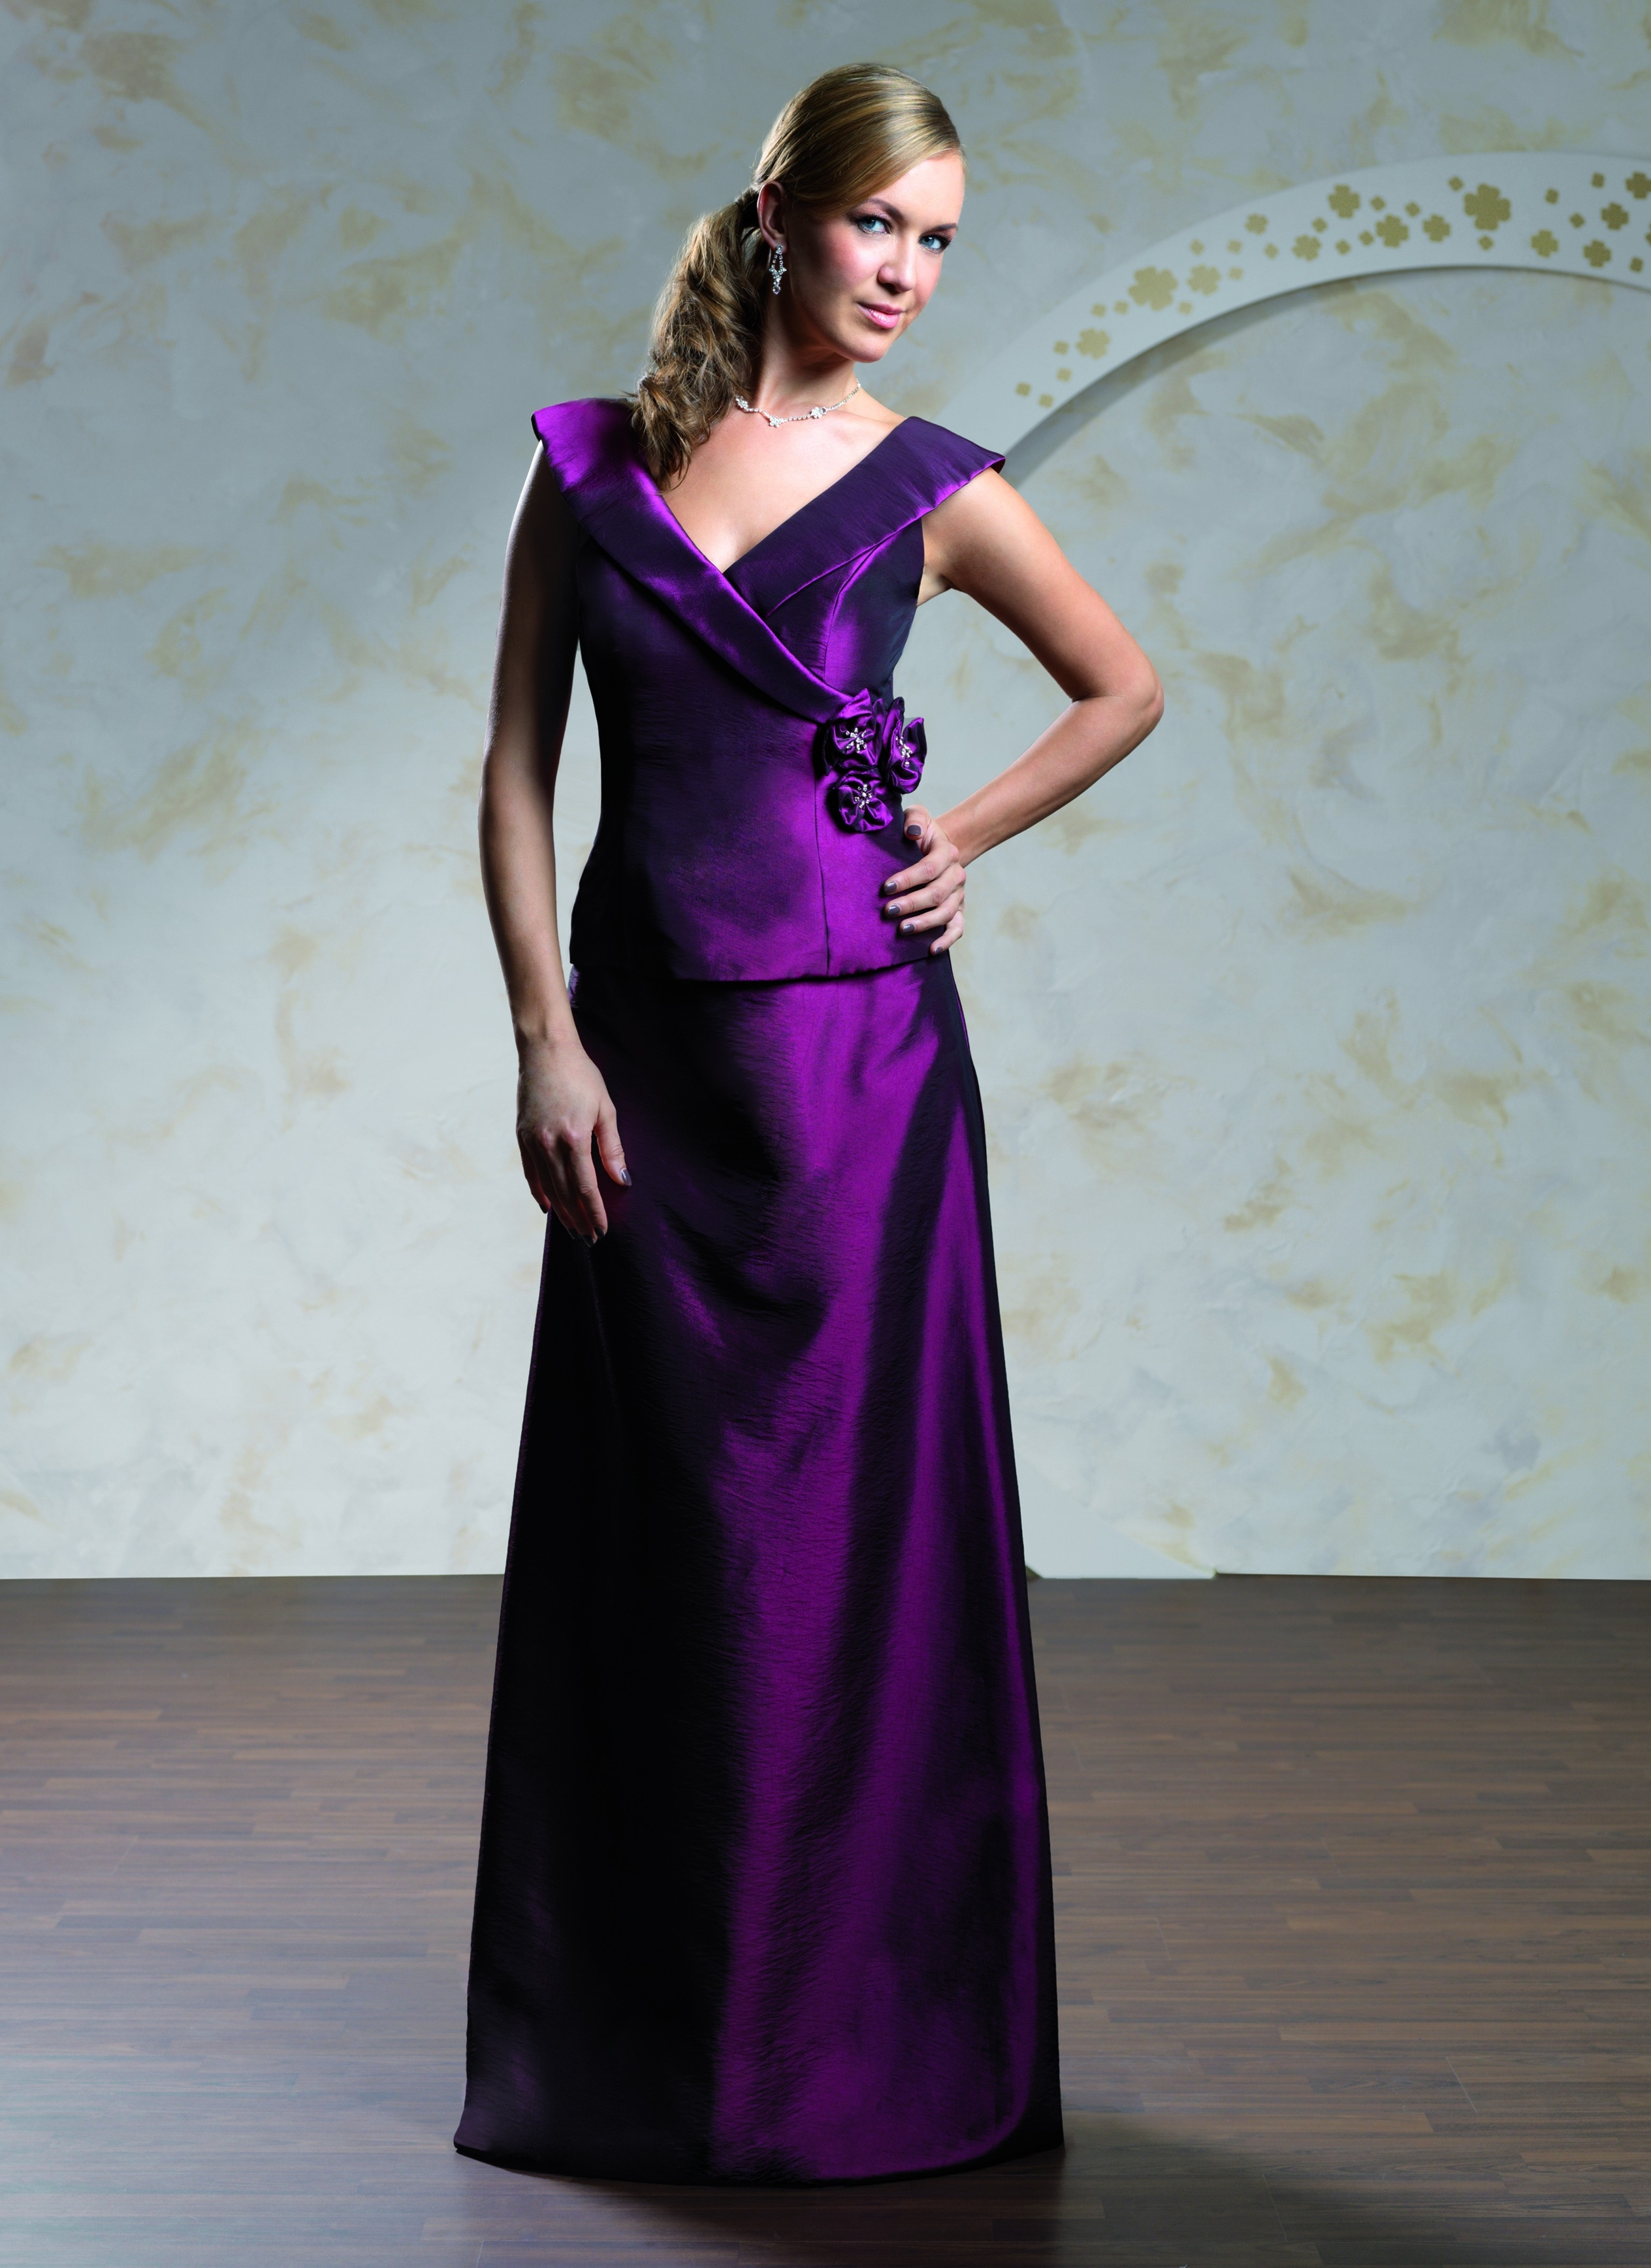 20 Schön Ausgefallene Abendmode Vertrieb - Abendkleid